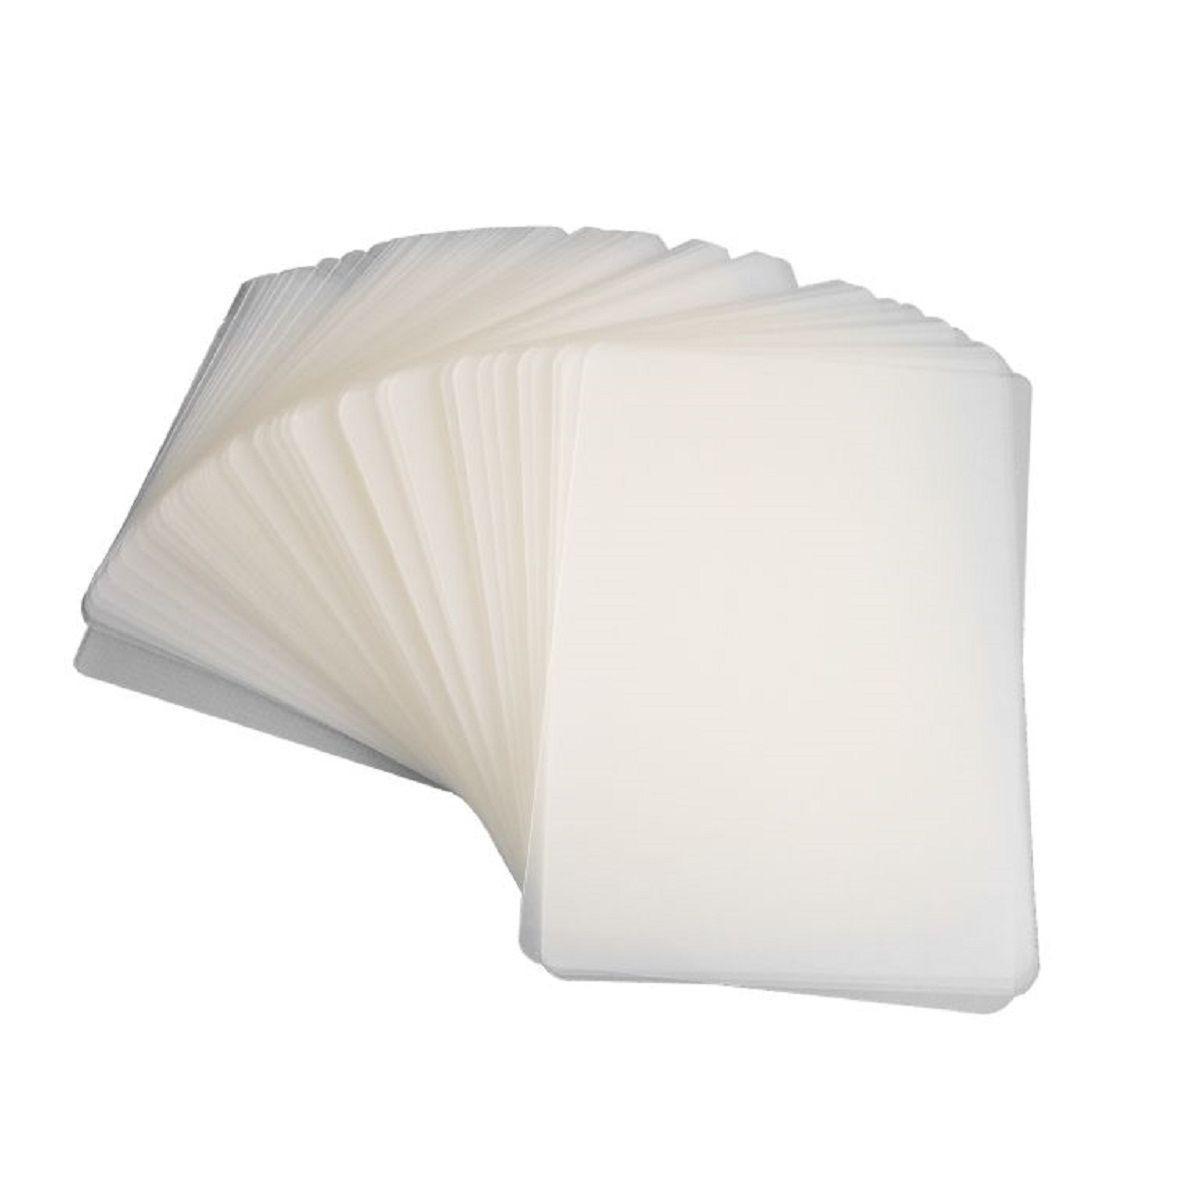 Kit 500 Plasticos Polaseal para Plastificação RG 80x110x0,07mm (175 micras)  - Click Suprimentos